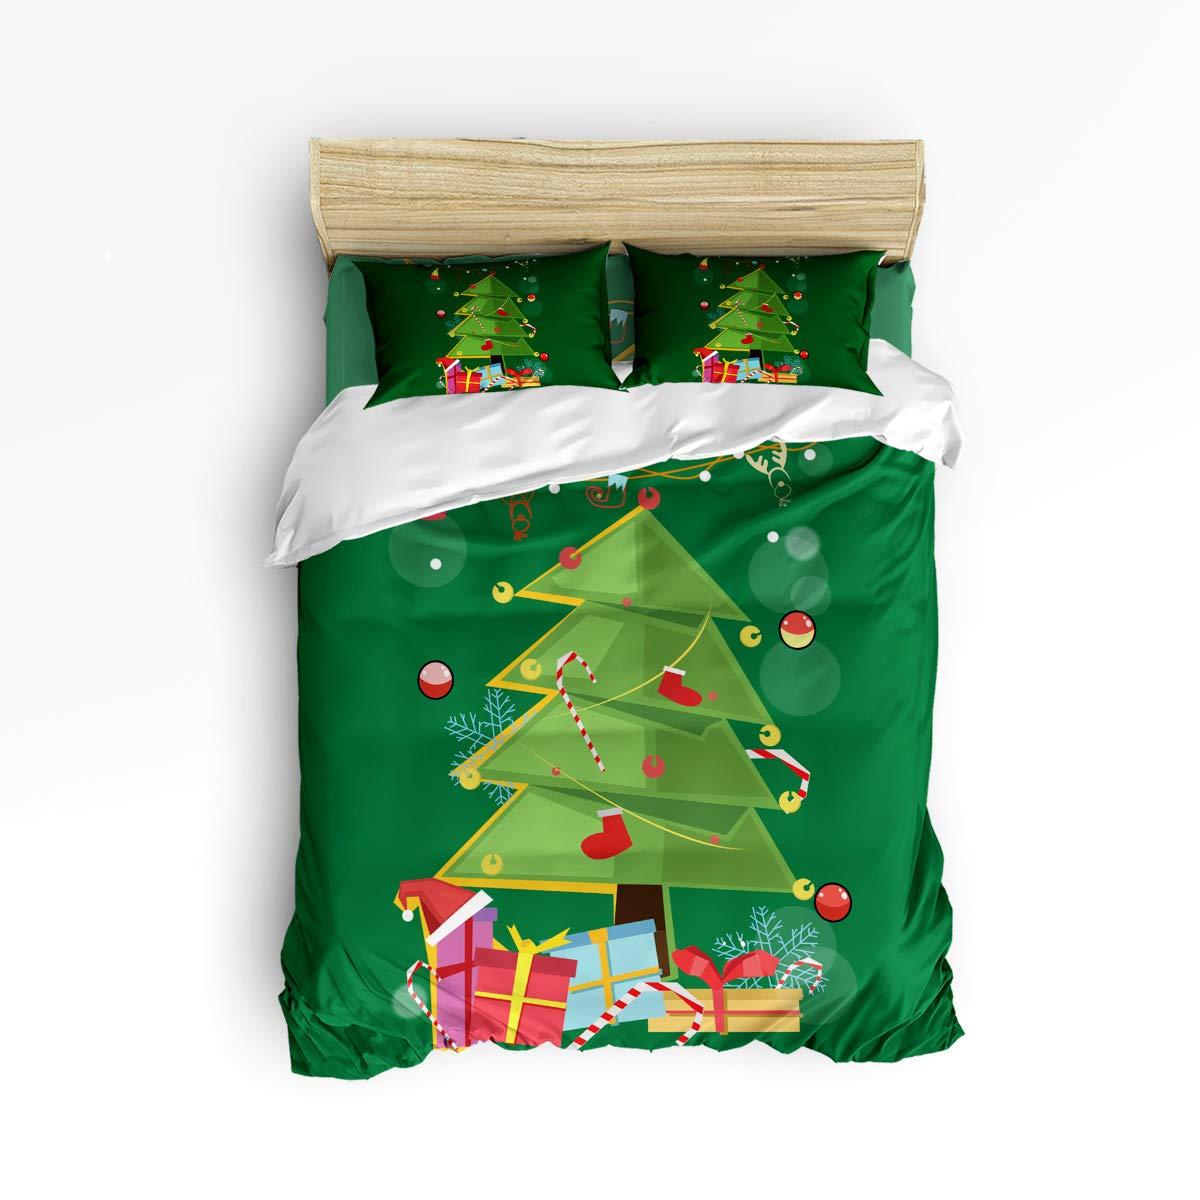 クリスマスツリー ホリデープレゼント 寝具セット 4ピース 羽毛布団カバー 新年のお祝い 豪華 ソフト フラットシーツ セット 装飾用枕カバー付き ティーン ガールズ ボーイズ メンズ レディース 子供用 クイーン LFFMARNM11210EWLYX-SWTQ01394SJTCZLH B07KQZX7ZJ Christmas Tree Gift クイーン